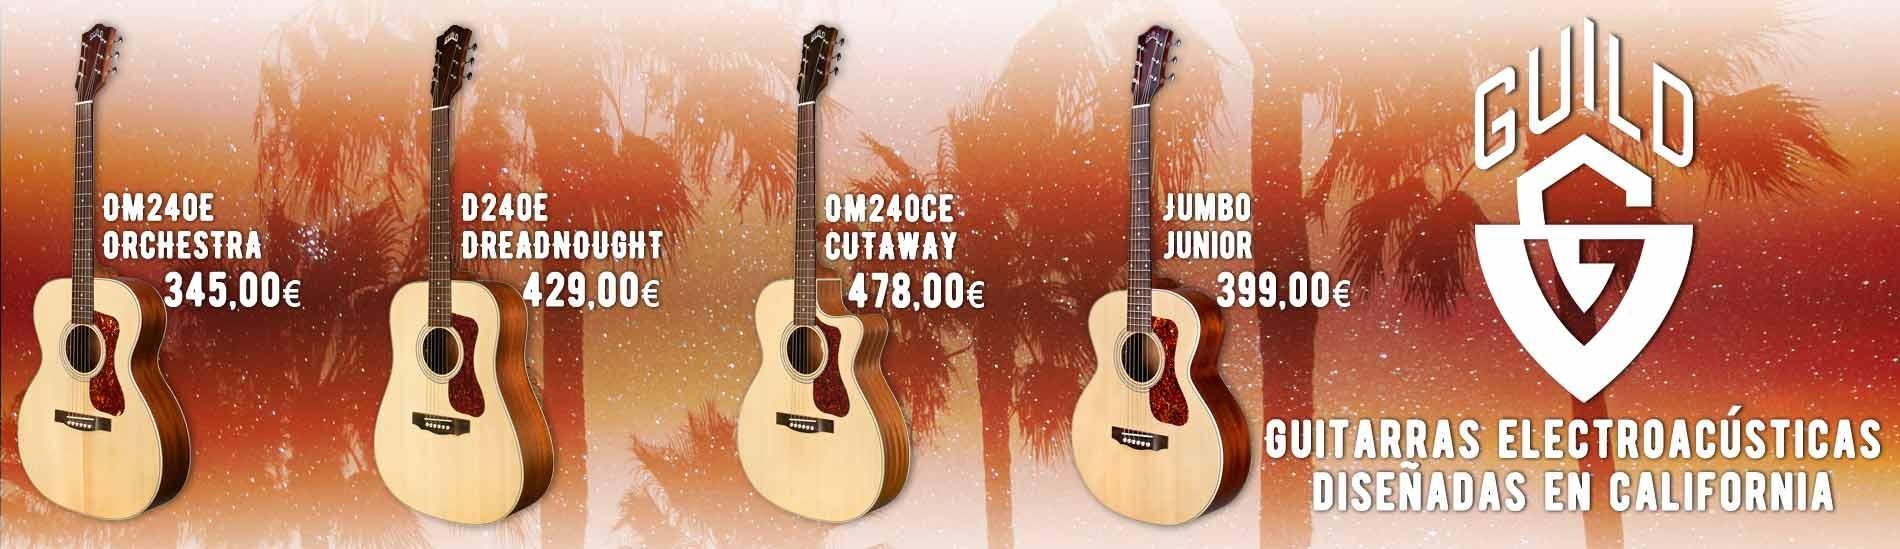 Guitarras Electroacústicas Guild - Diseñadas en California!